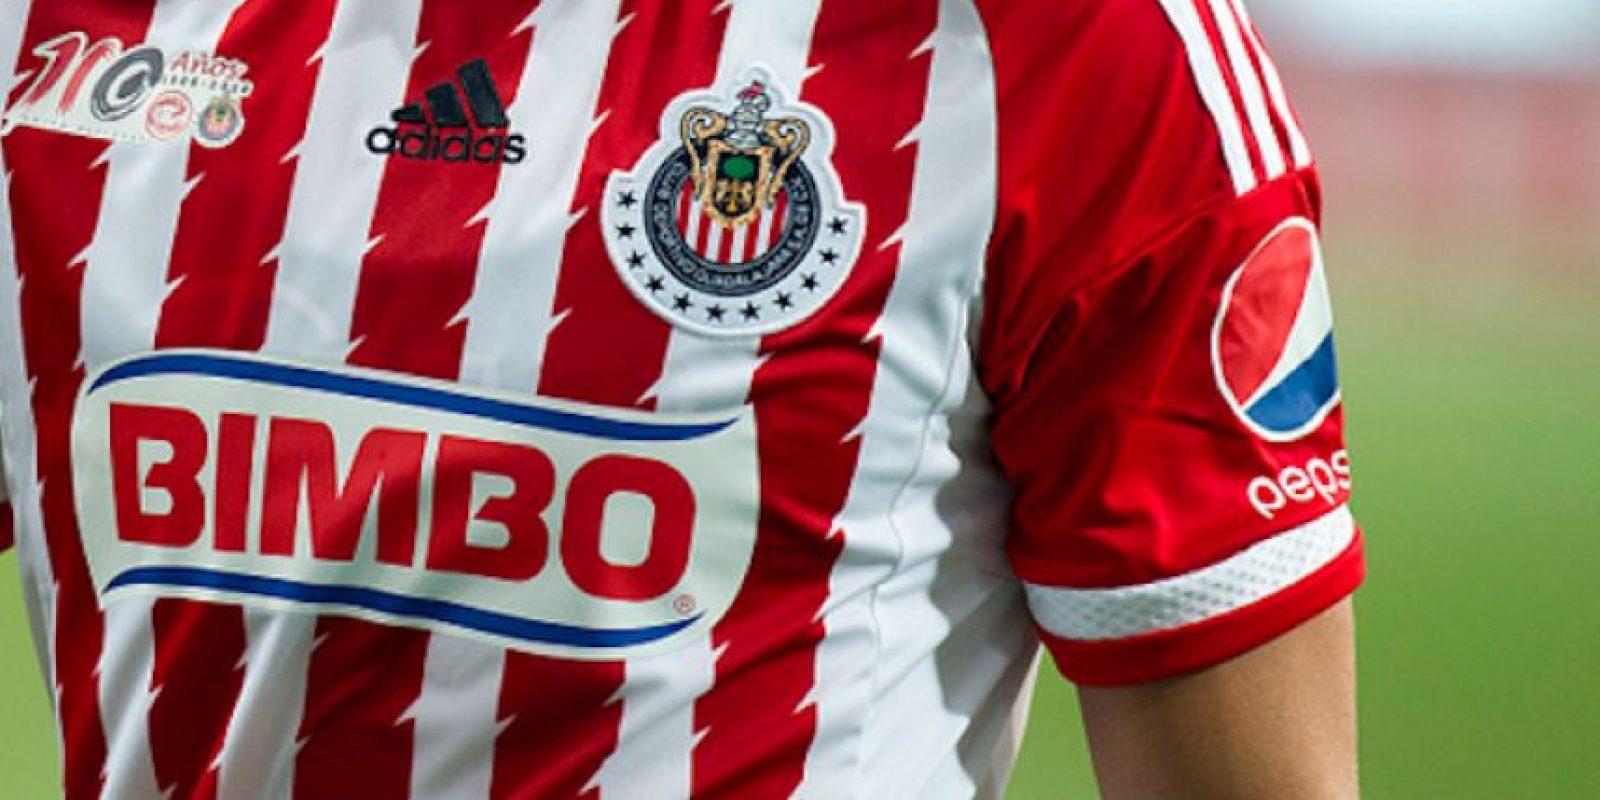 La marca alemana patrocinó a Chivas desde 2011. Foto:Getty Images